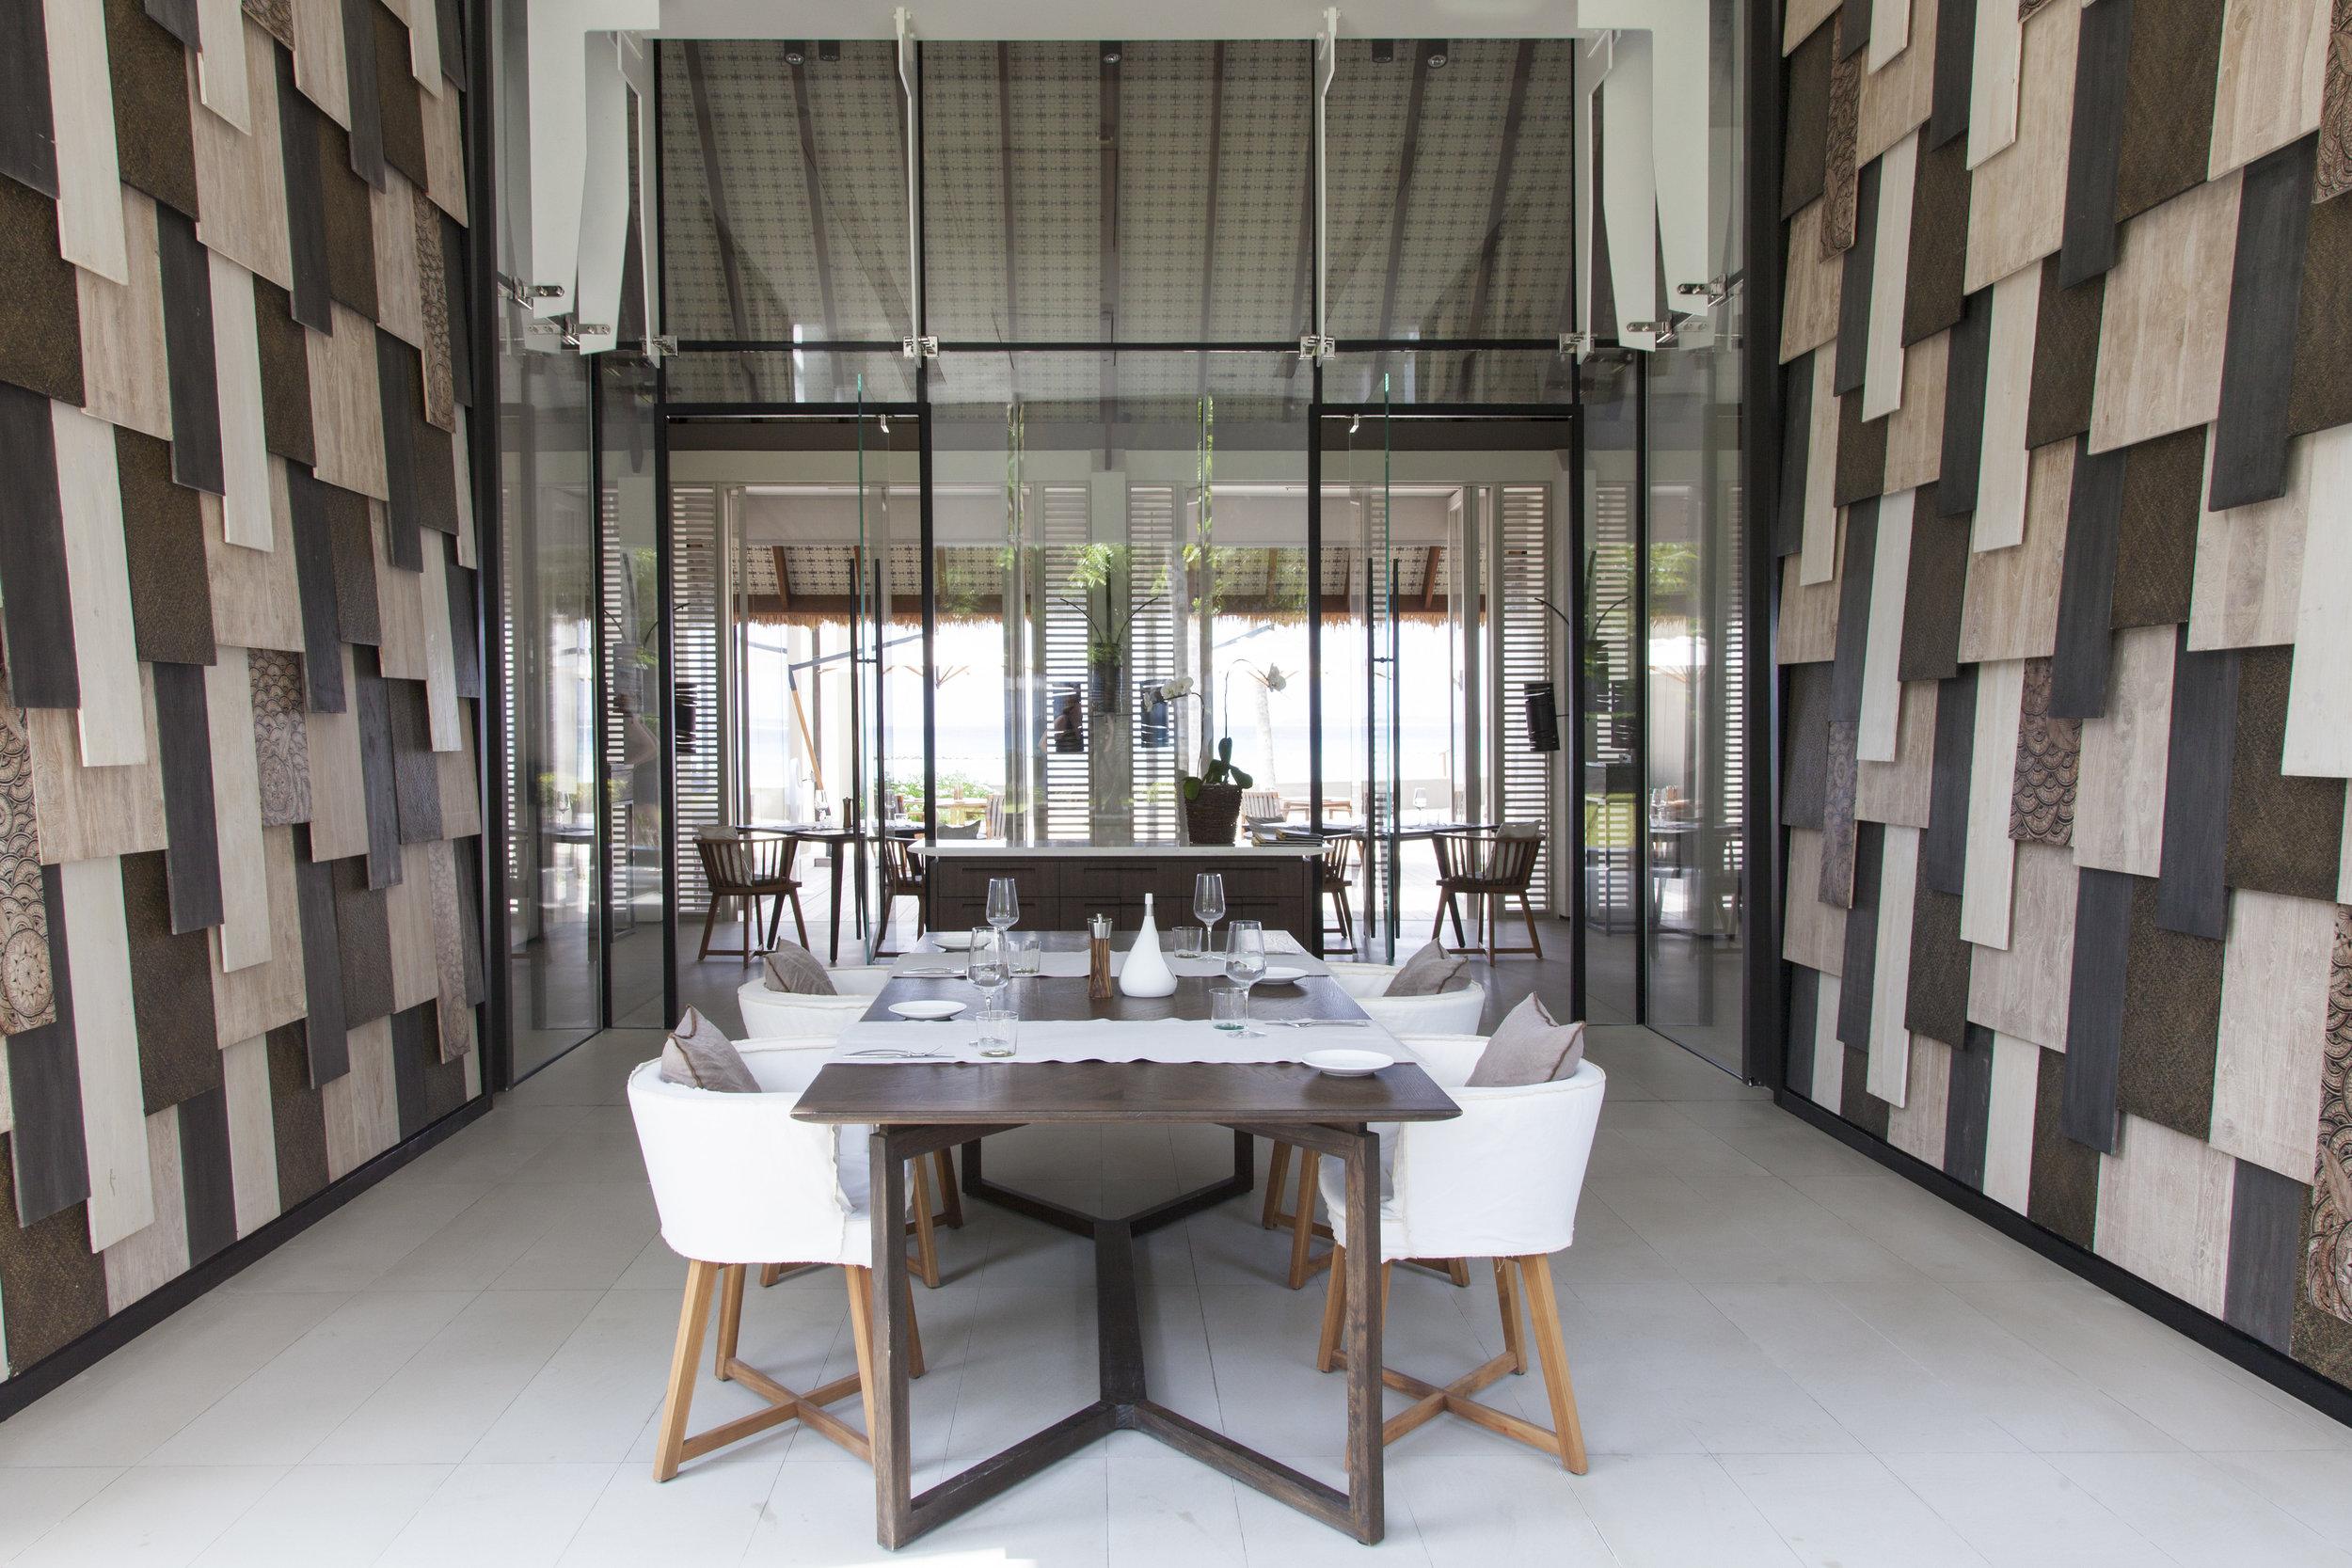 20171205053538_3-1-the-white-restaurant-img-4955-p-parinejad2015.jpg